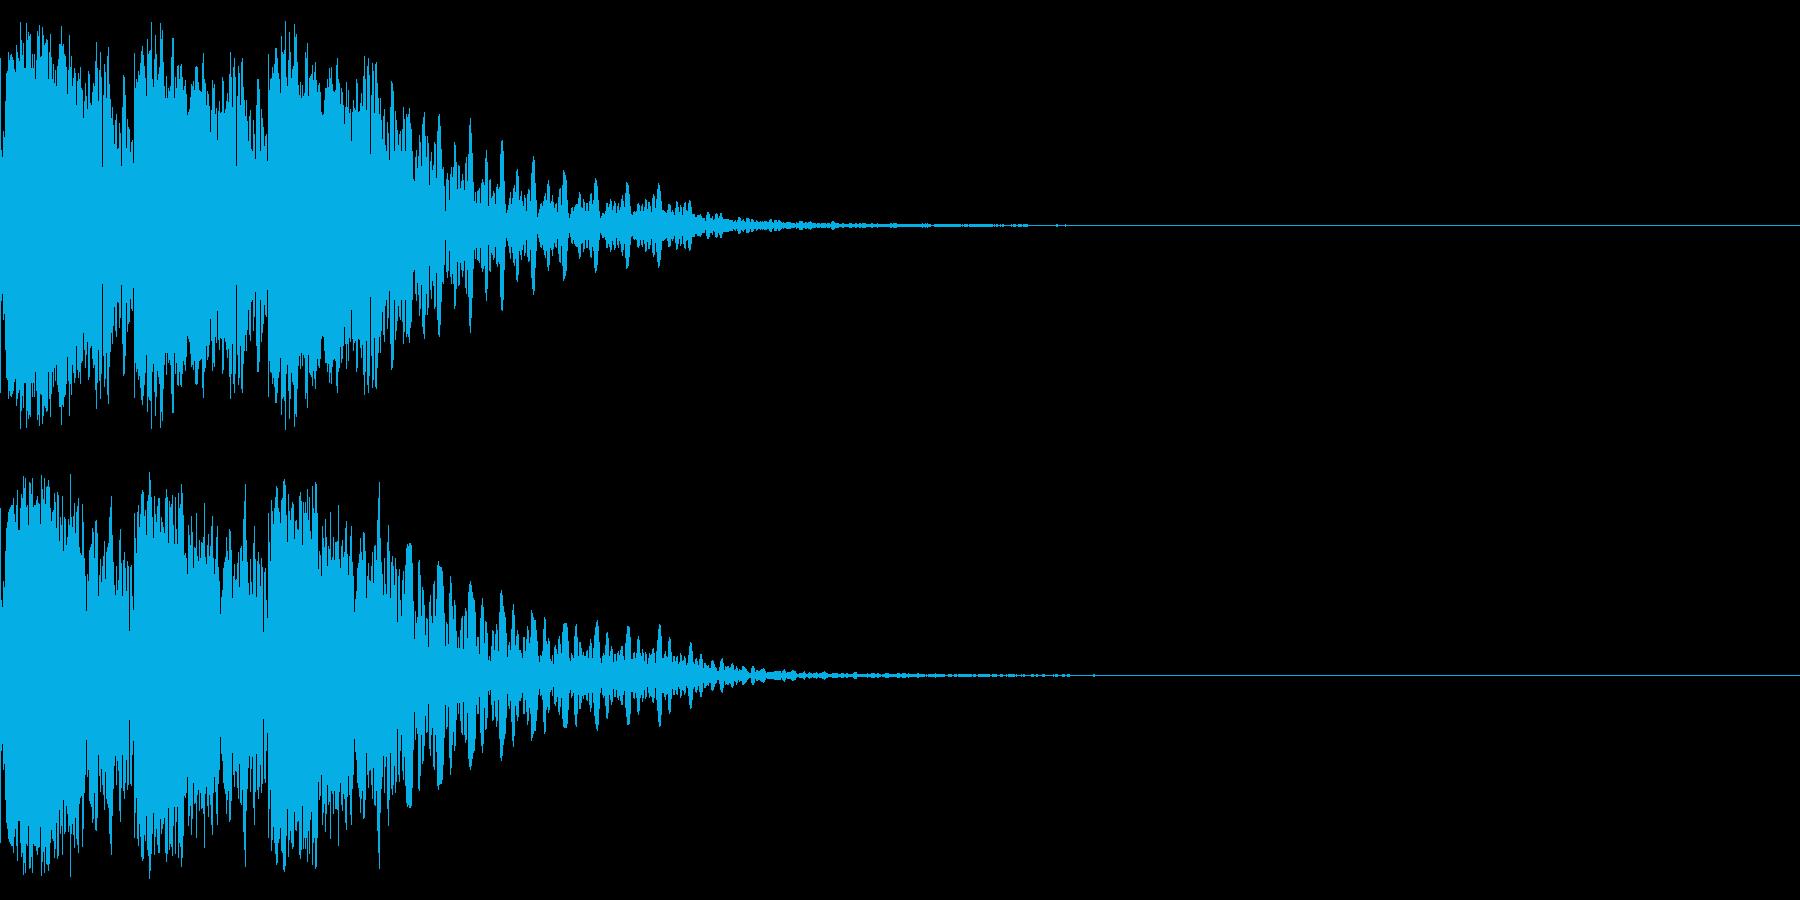 キュインキュインキュイーン!パチンコの音の再生済みの波形